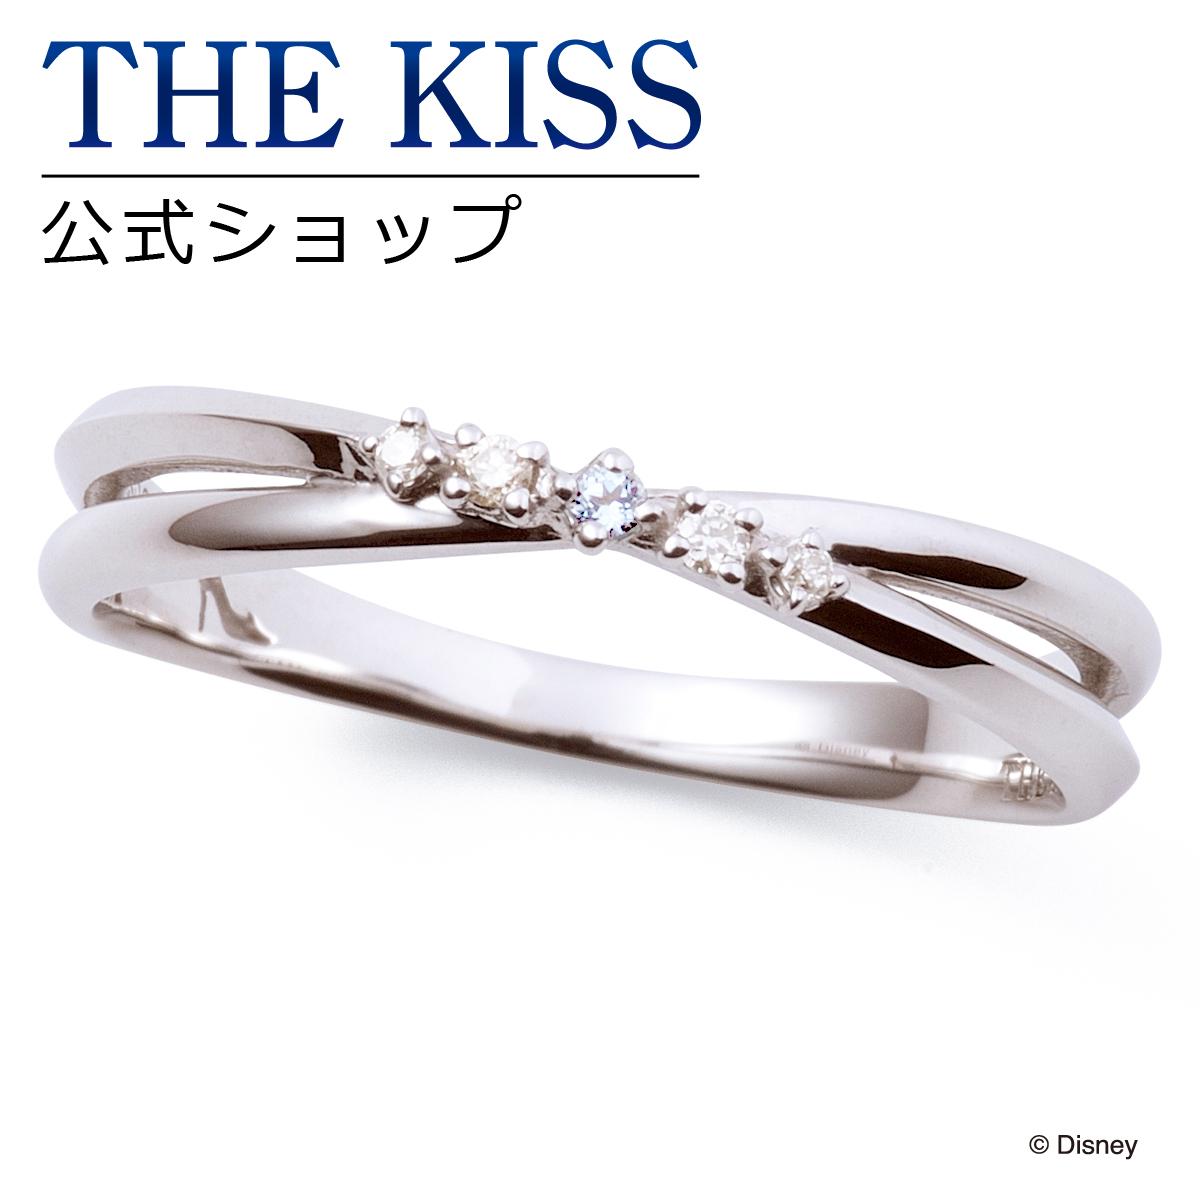 【あす楽対応】【ディズニーコレクション】 ディズニー / ペアリング / ディズニープリンセス シンデレラ / THE KISS sweets リング・指輪 K10ホワイトゴールド ダイヤモンド (レディース 単品) DI-WR2919DM ザキス 【送料無料】